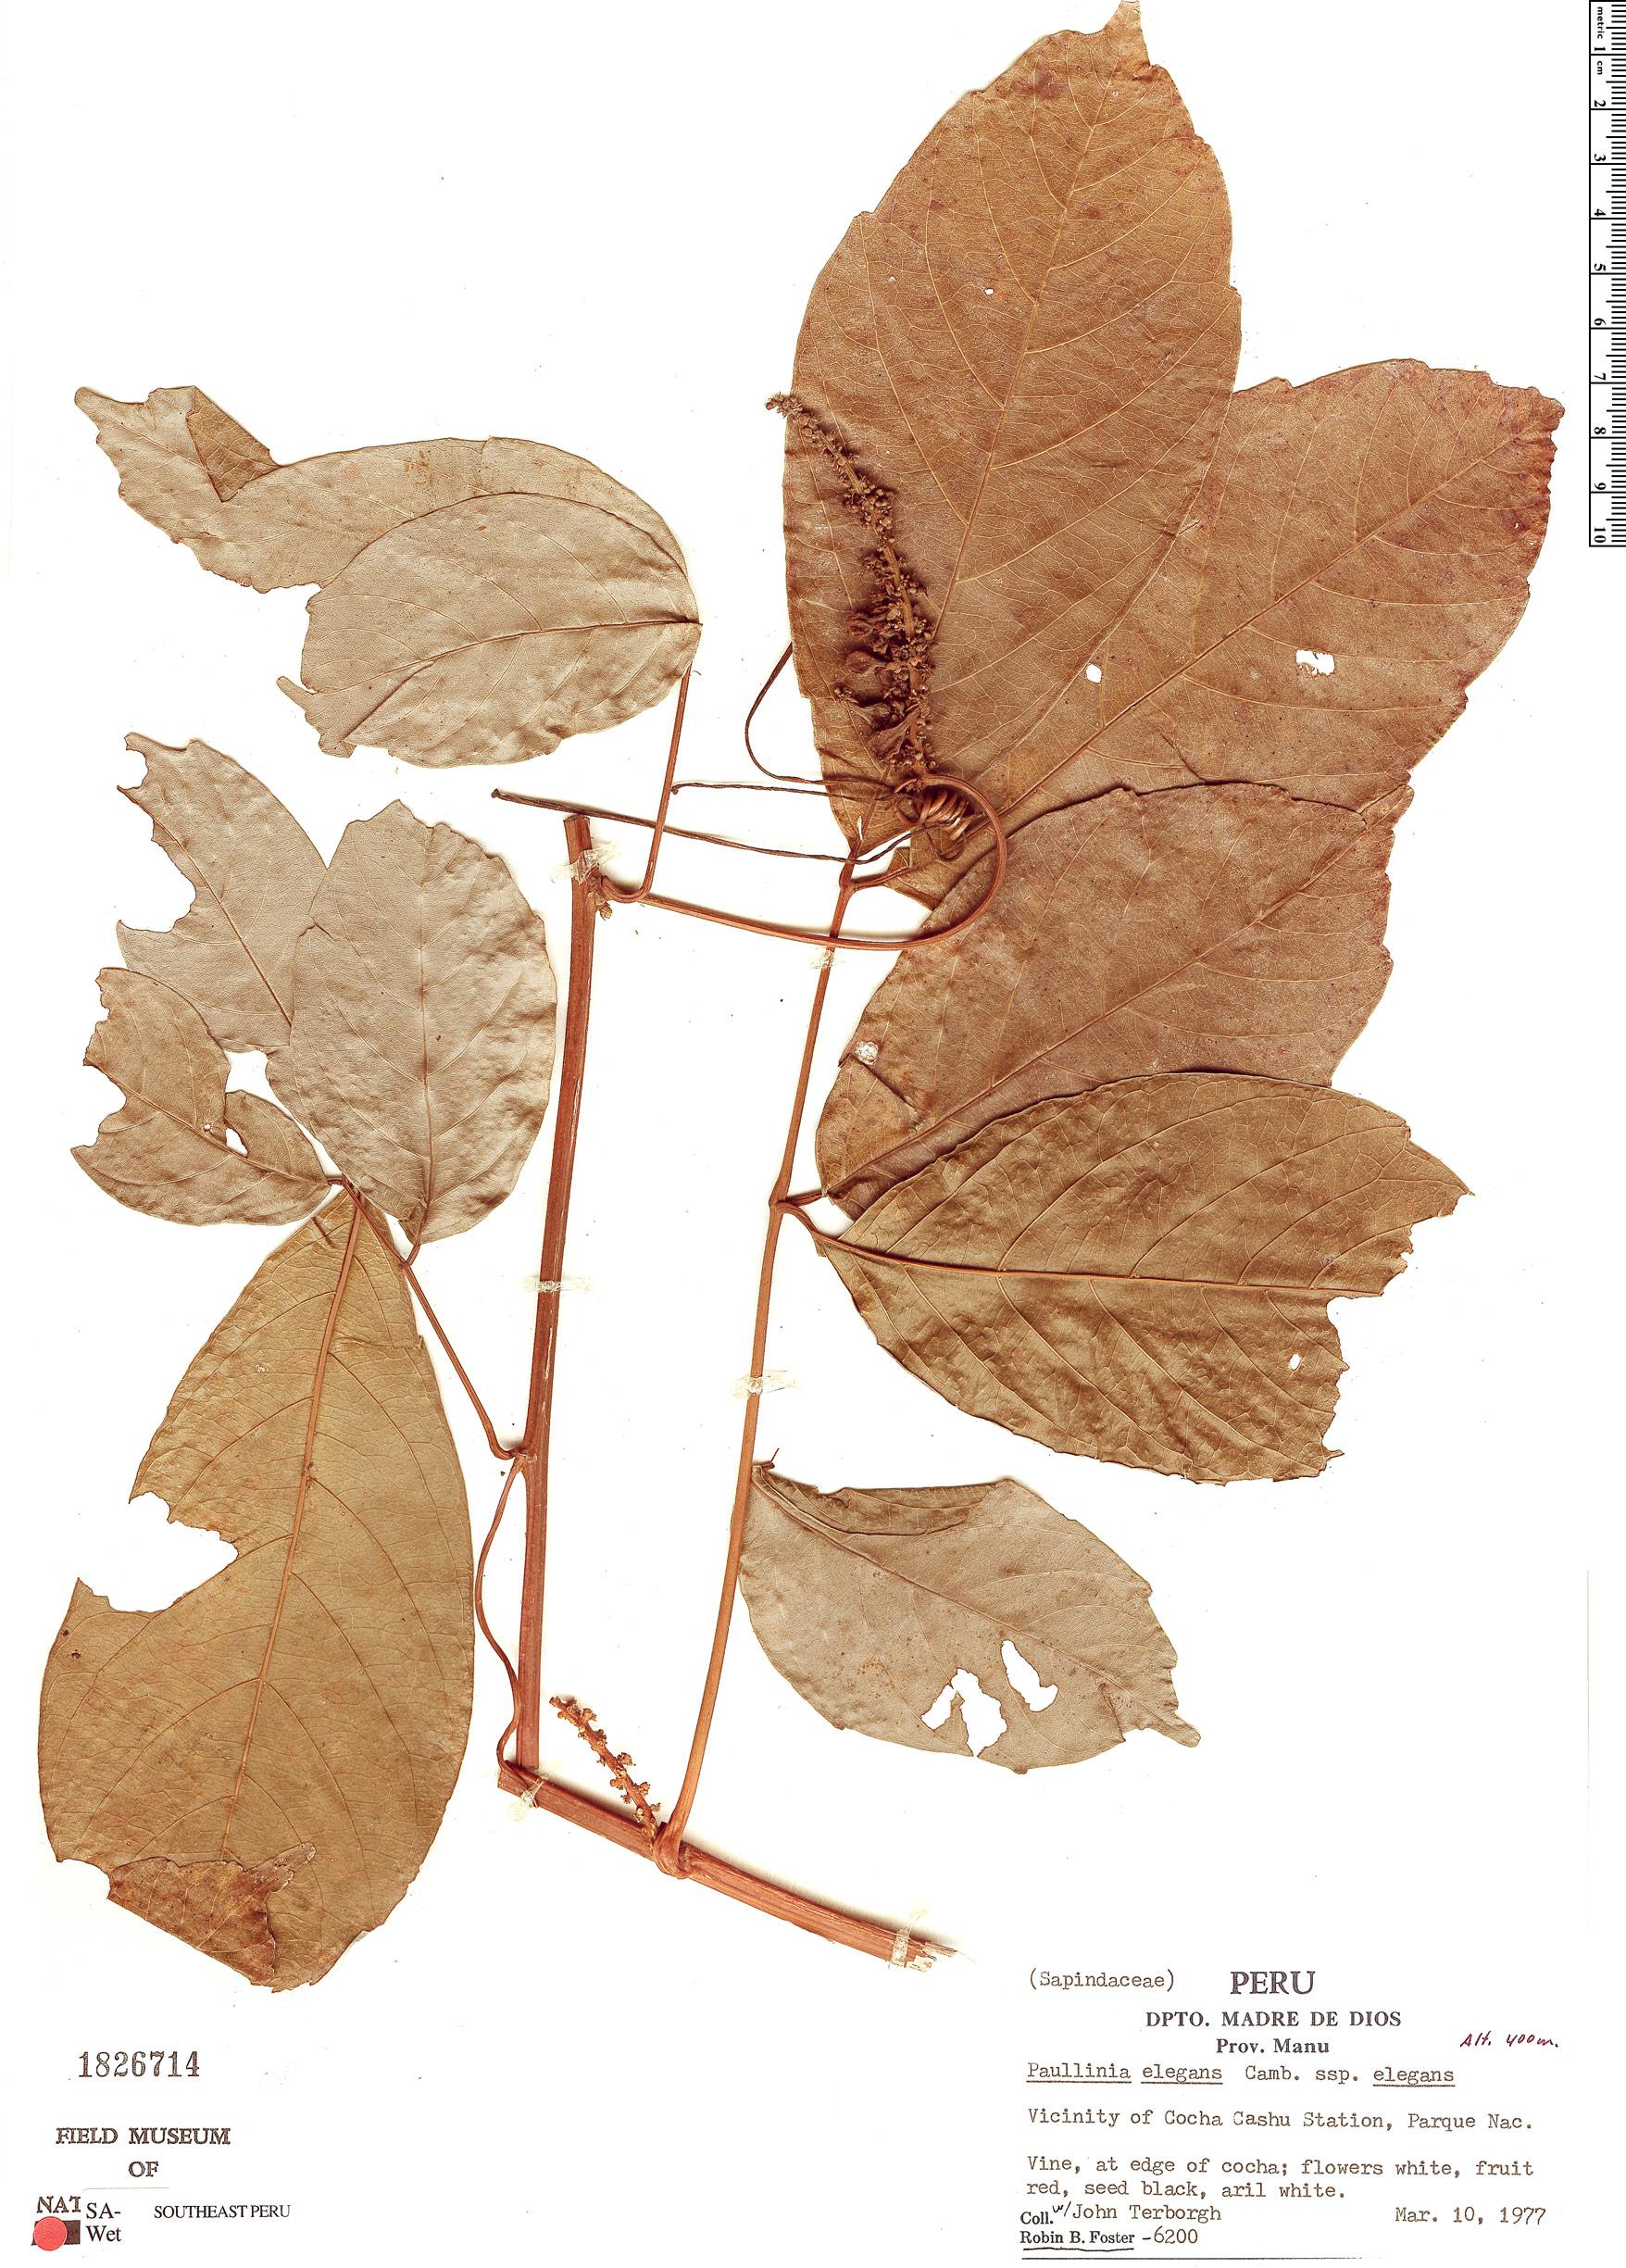 Specimen: Paullinia elegans